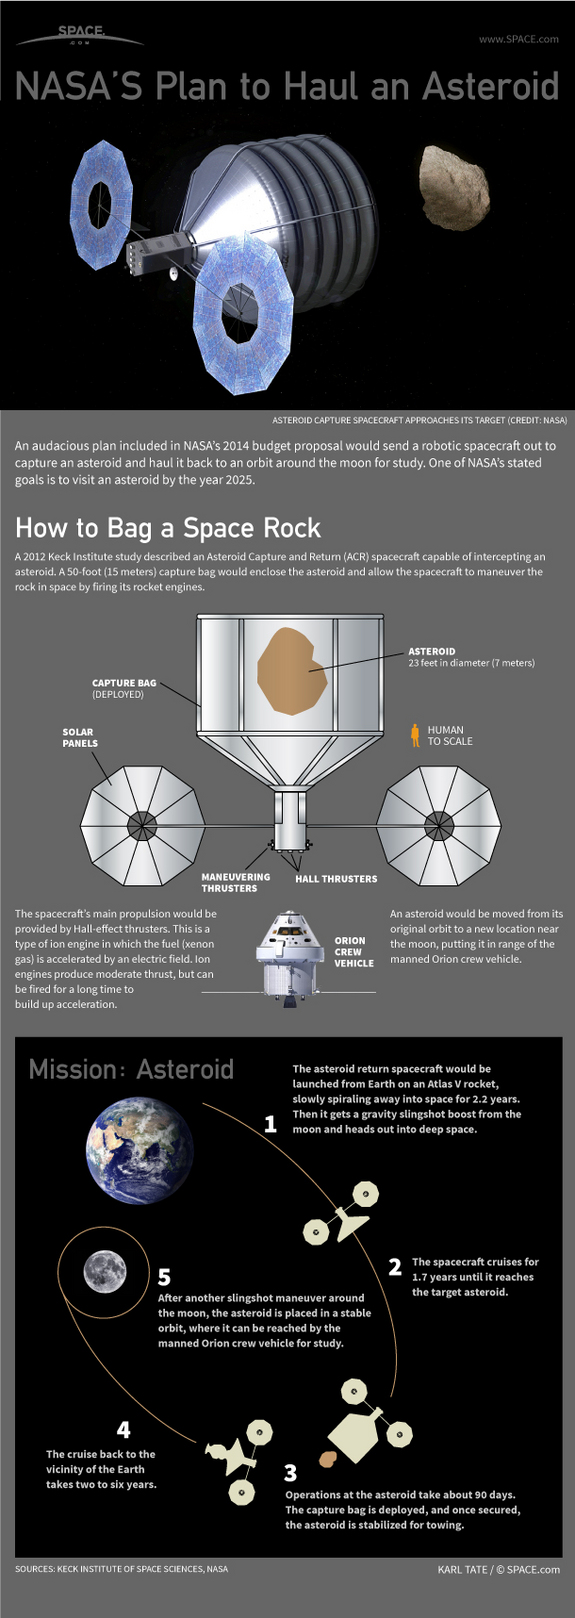 Πώς να Πιάσετε έναν Αστεροειδή (Infographic)